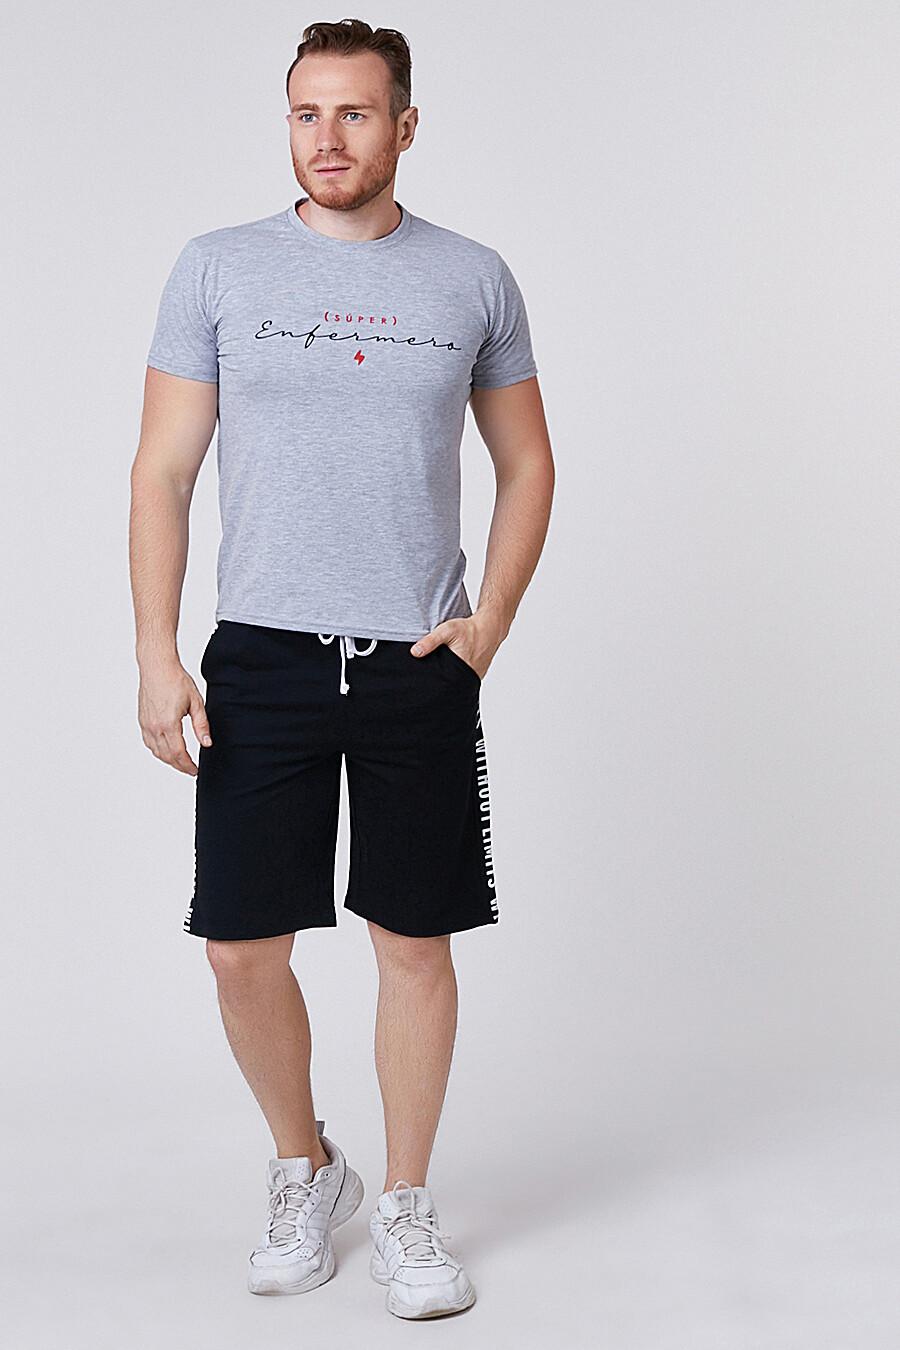 Шорты для мужчин ROXY FOXY 668033 купить оптом от производителя. Совместная покупка мужской одежды в OptMoyo